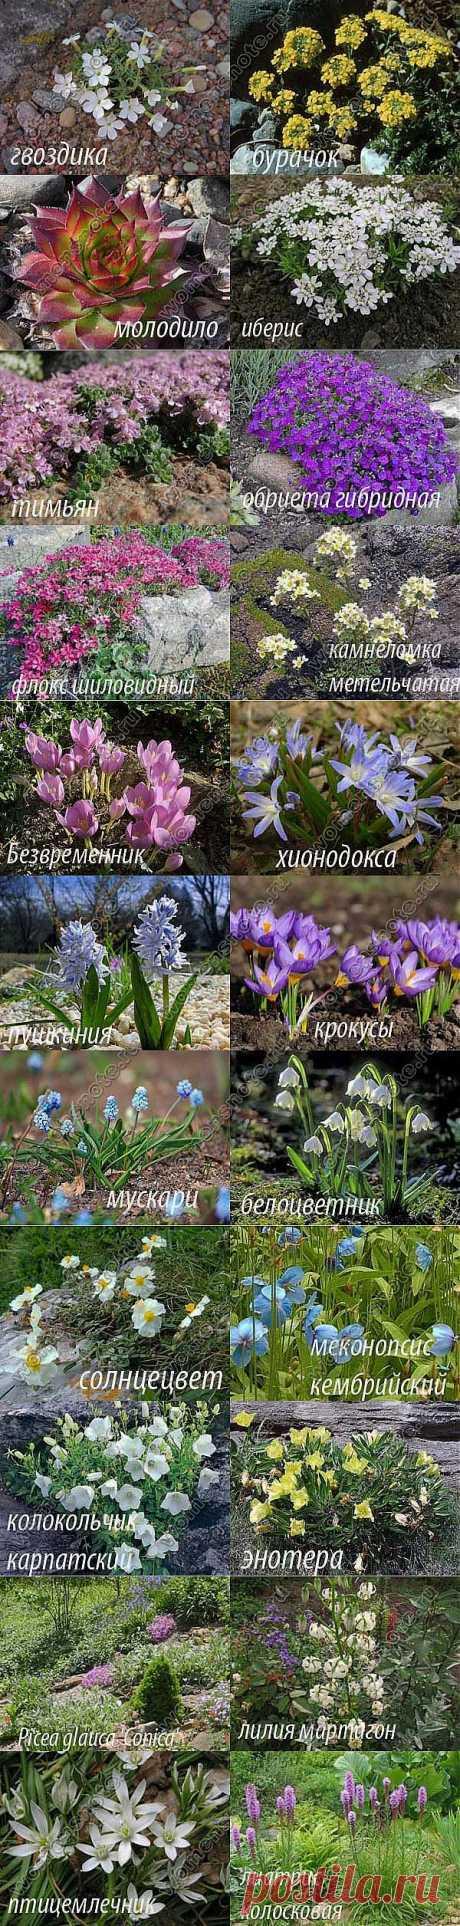 Растения для альпийской горки | Цветоводство | Женский сайт